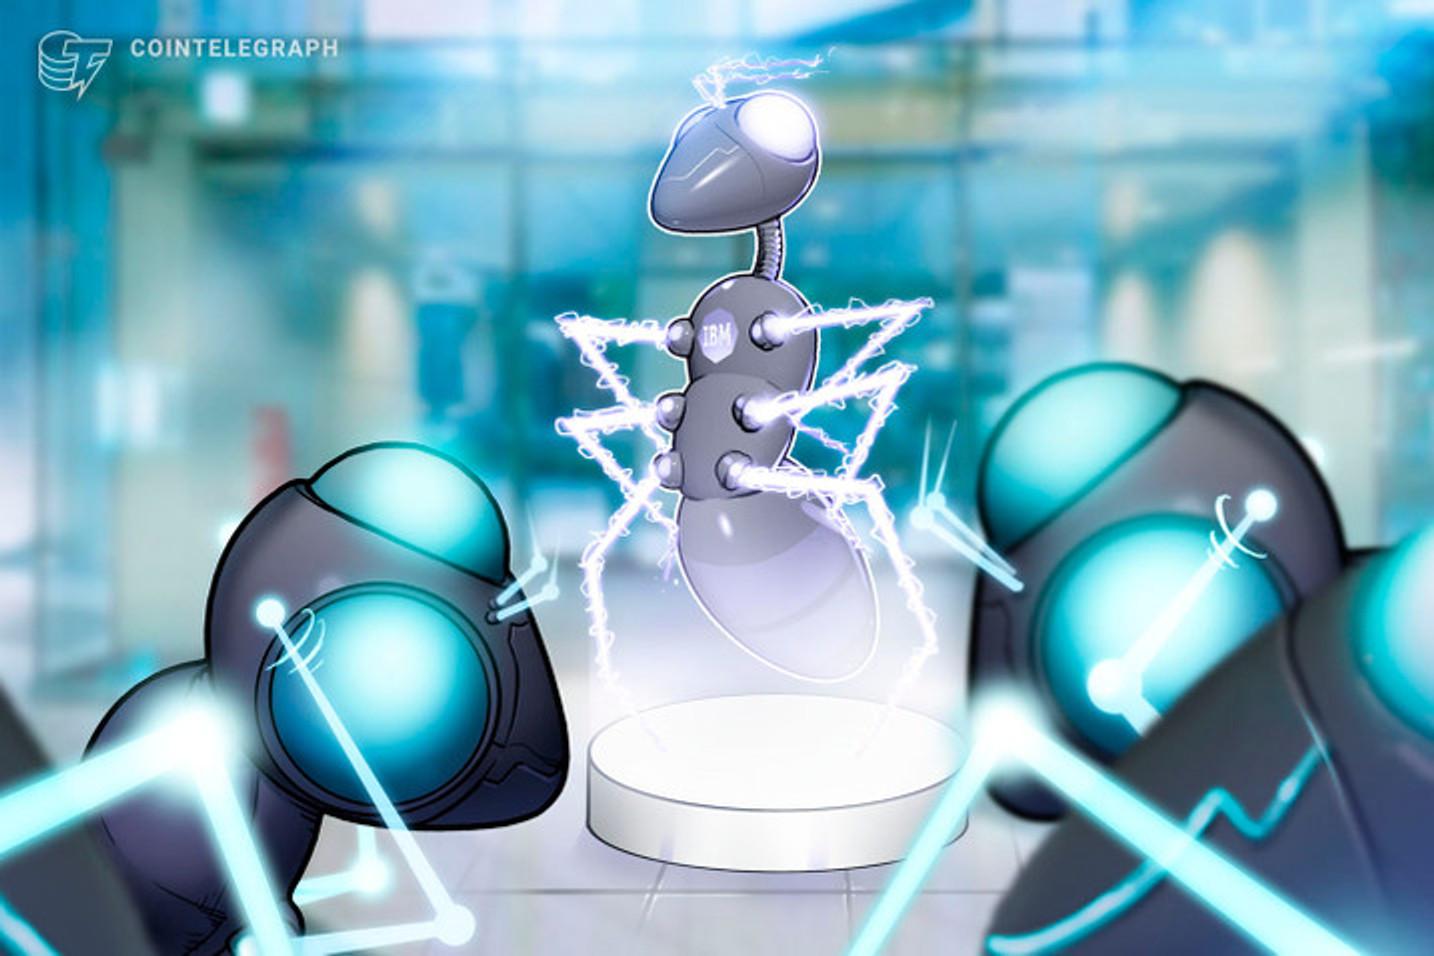 Ehelp Security Solutions S.L. (ESS) anuncia el lanzamiento del primer dispositivo GPS respaldado con Blockchain